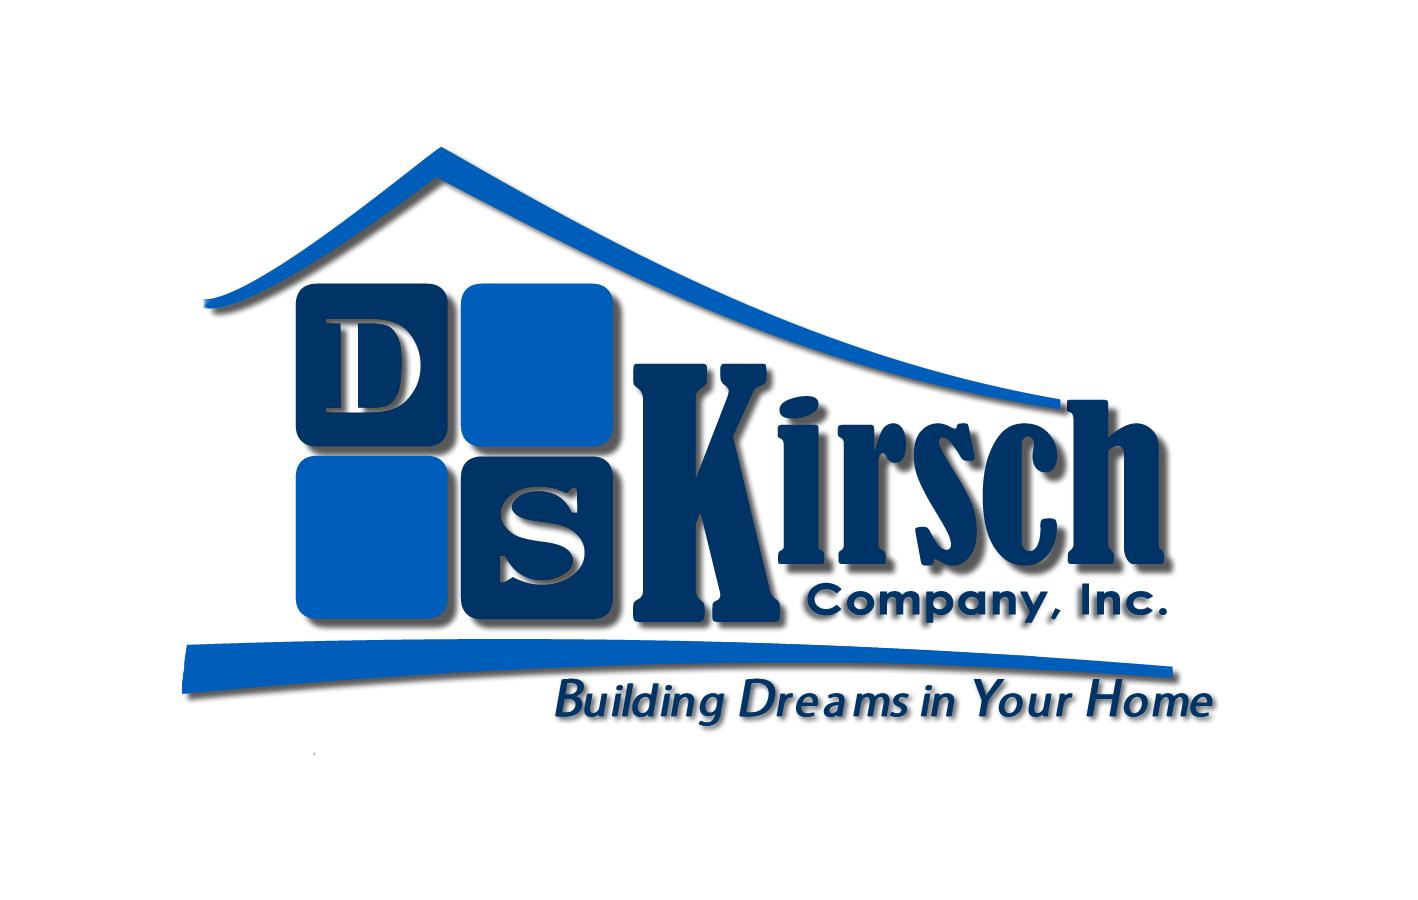 DS Kirsch Logo Design